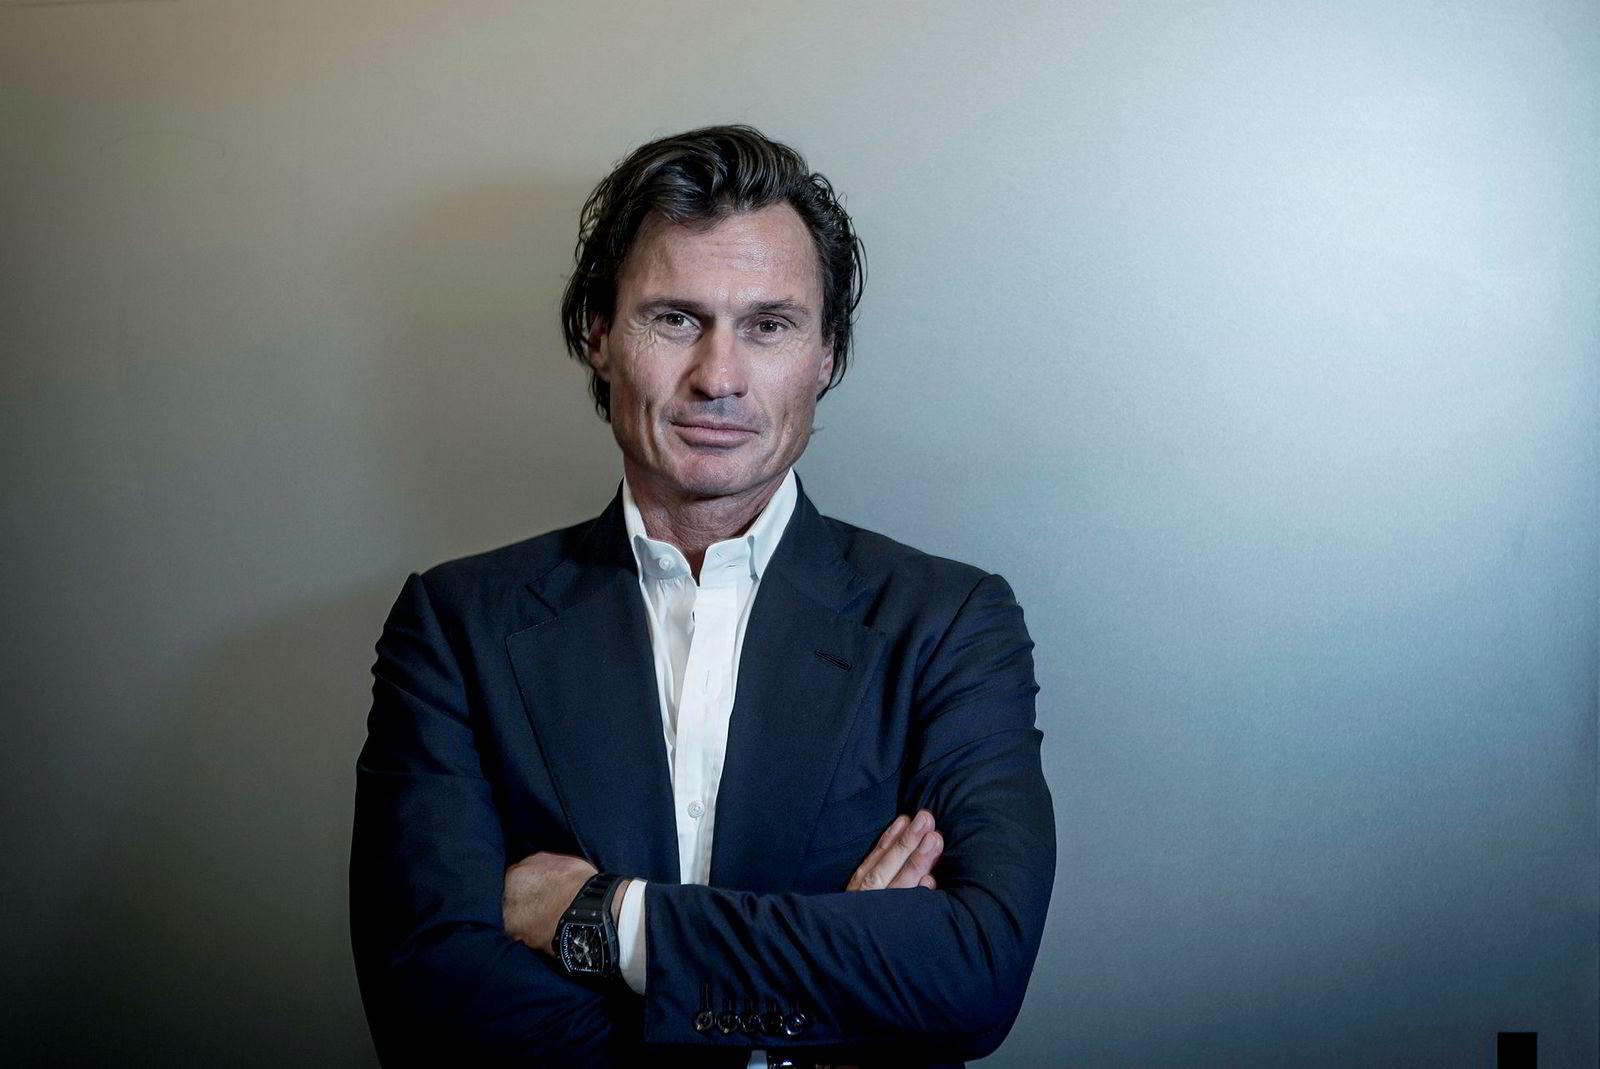 Hotell- og eiendomsmilliardær Petter Stordalen satser nå i forlagsbransjen